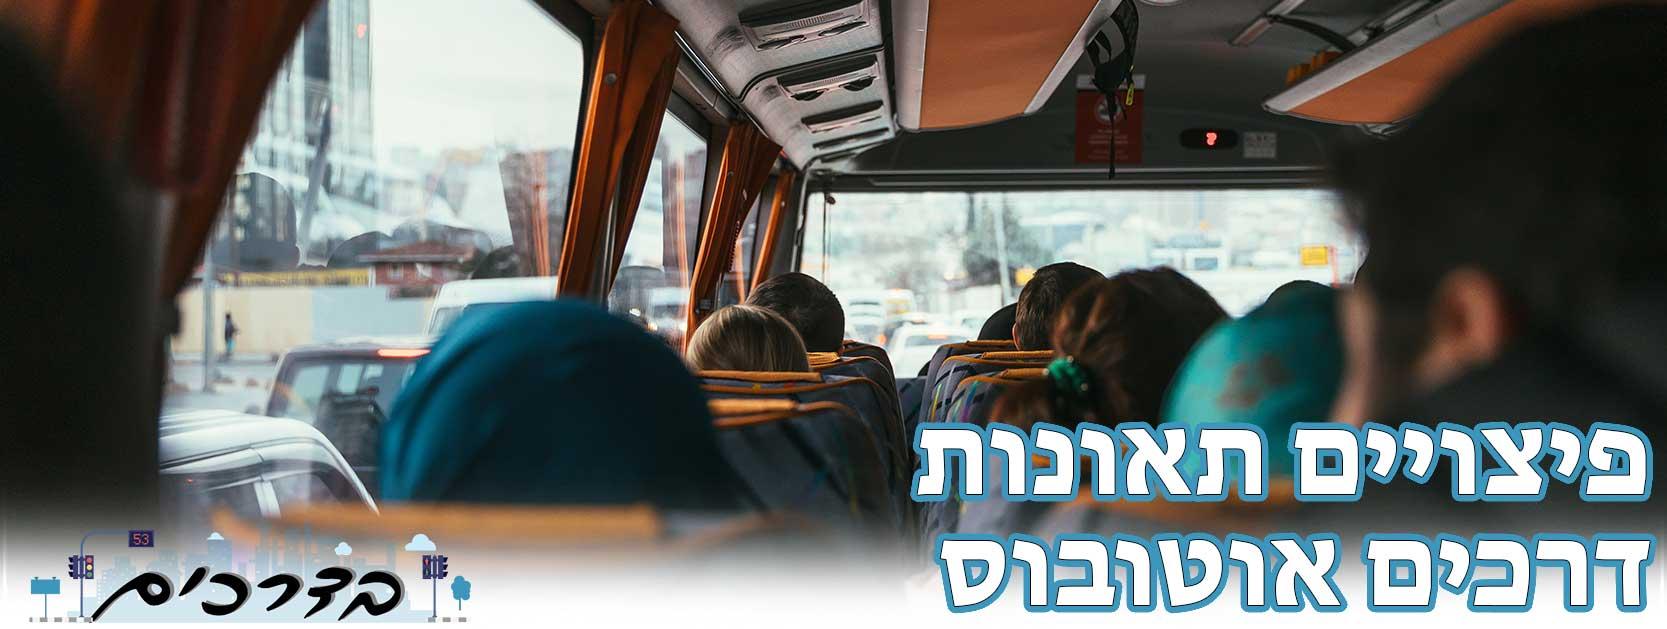 פיצויים תאונות דרכים אוטובוס